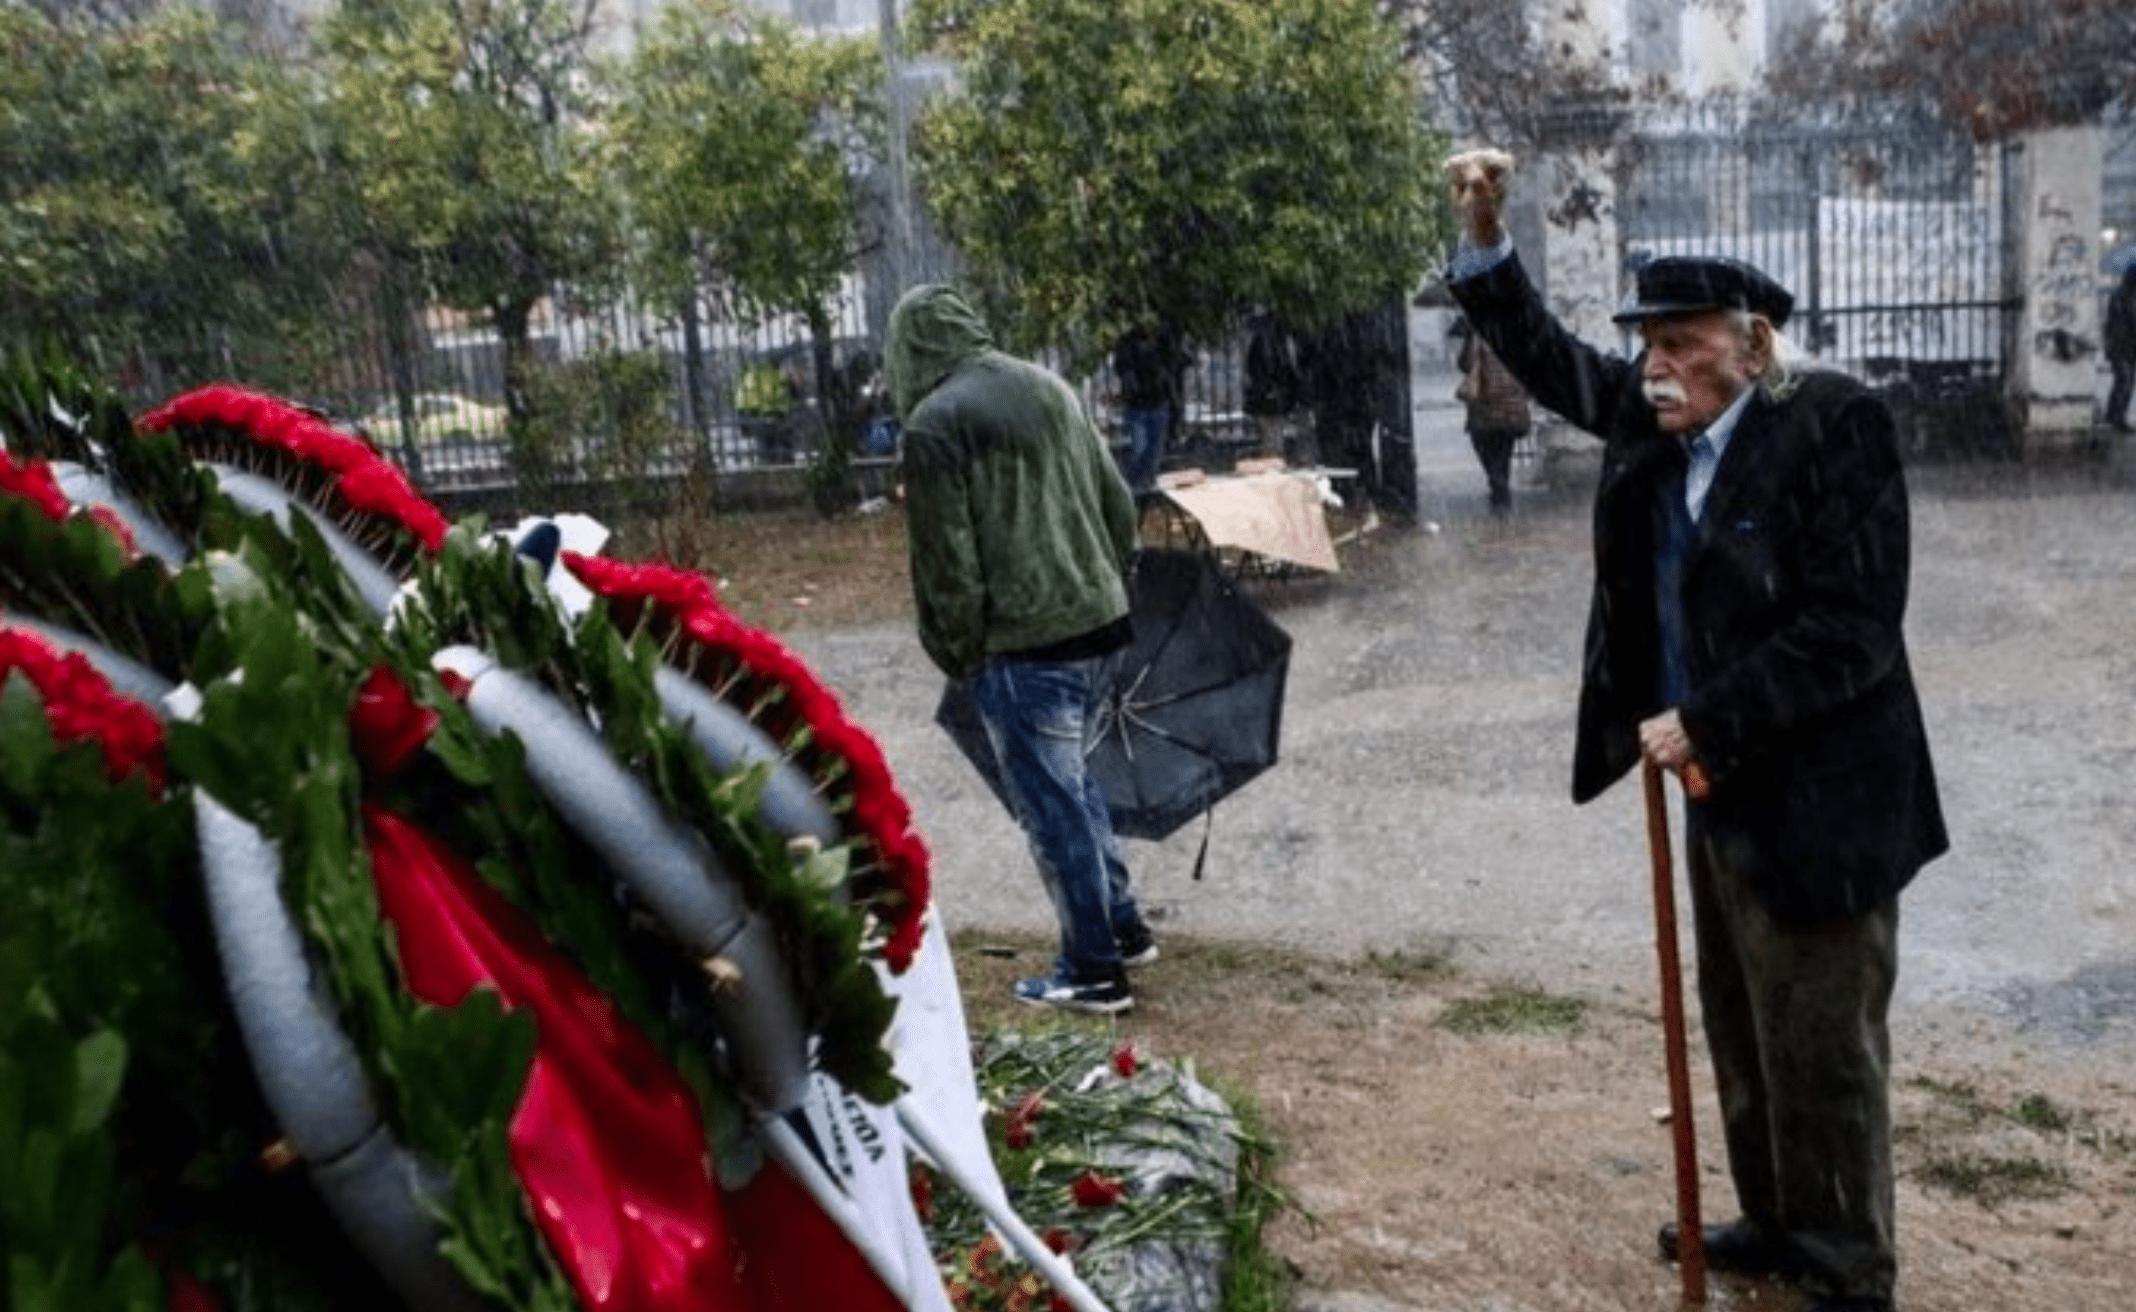 Glezos in 2015 aan het herdenkingsmonument van de Polytechnische School in Athene. Hier werden op 17 november 1973 meerdere studenten verpletterd door een tank van het Griekse kolonelsregime.